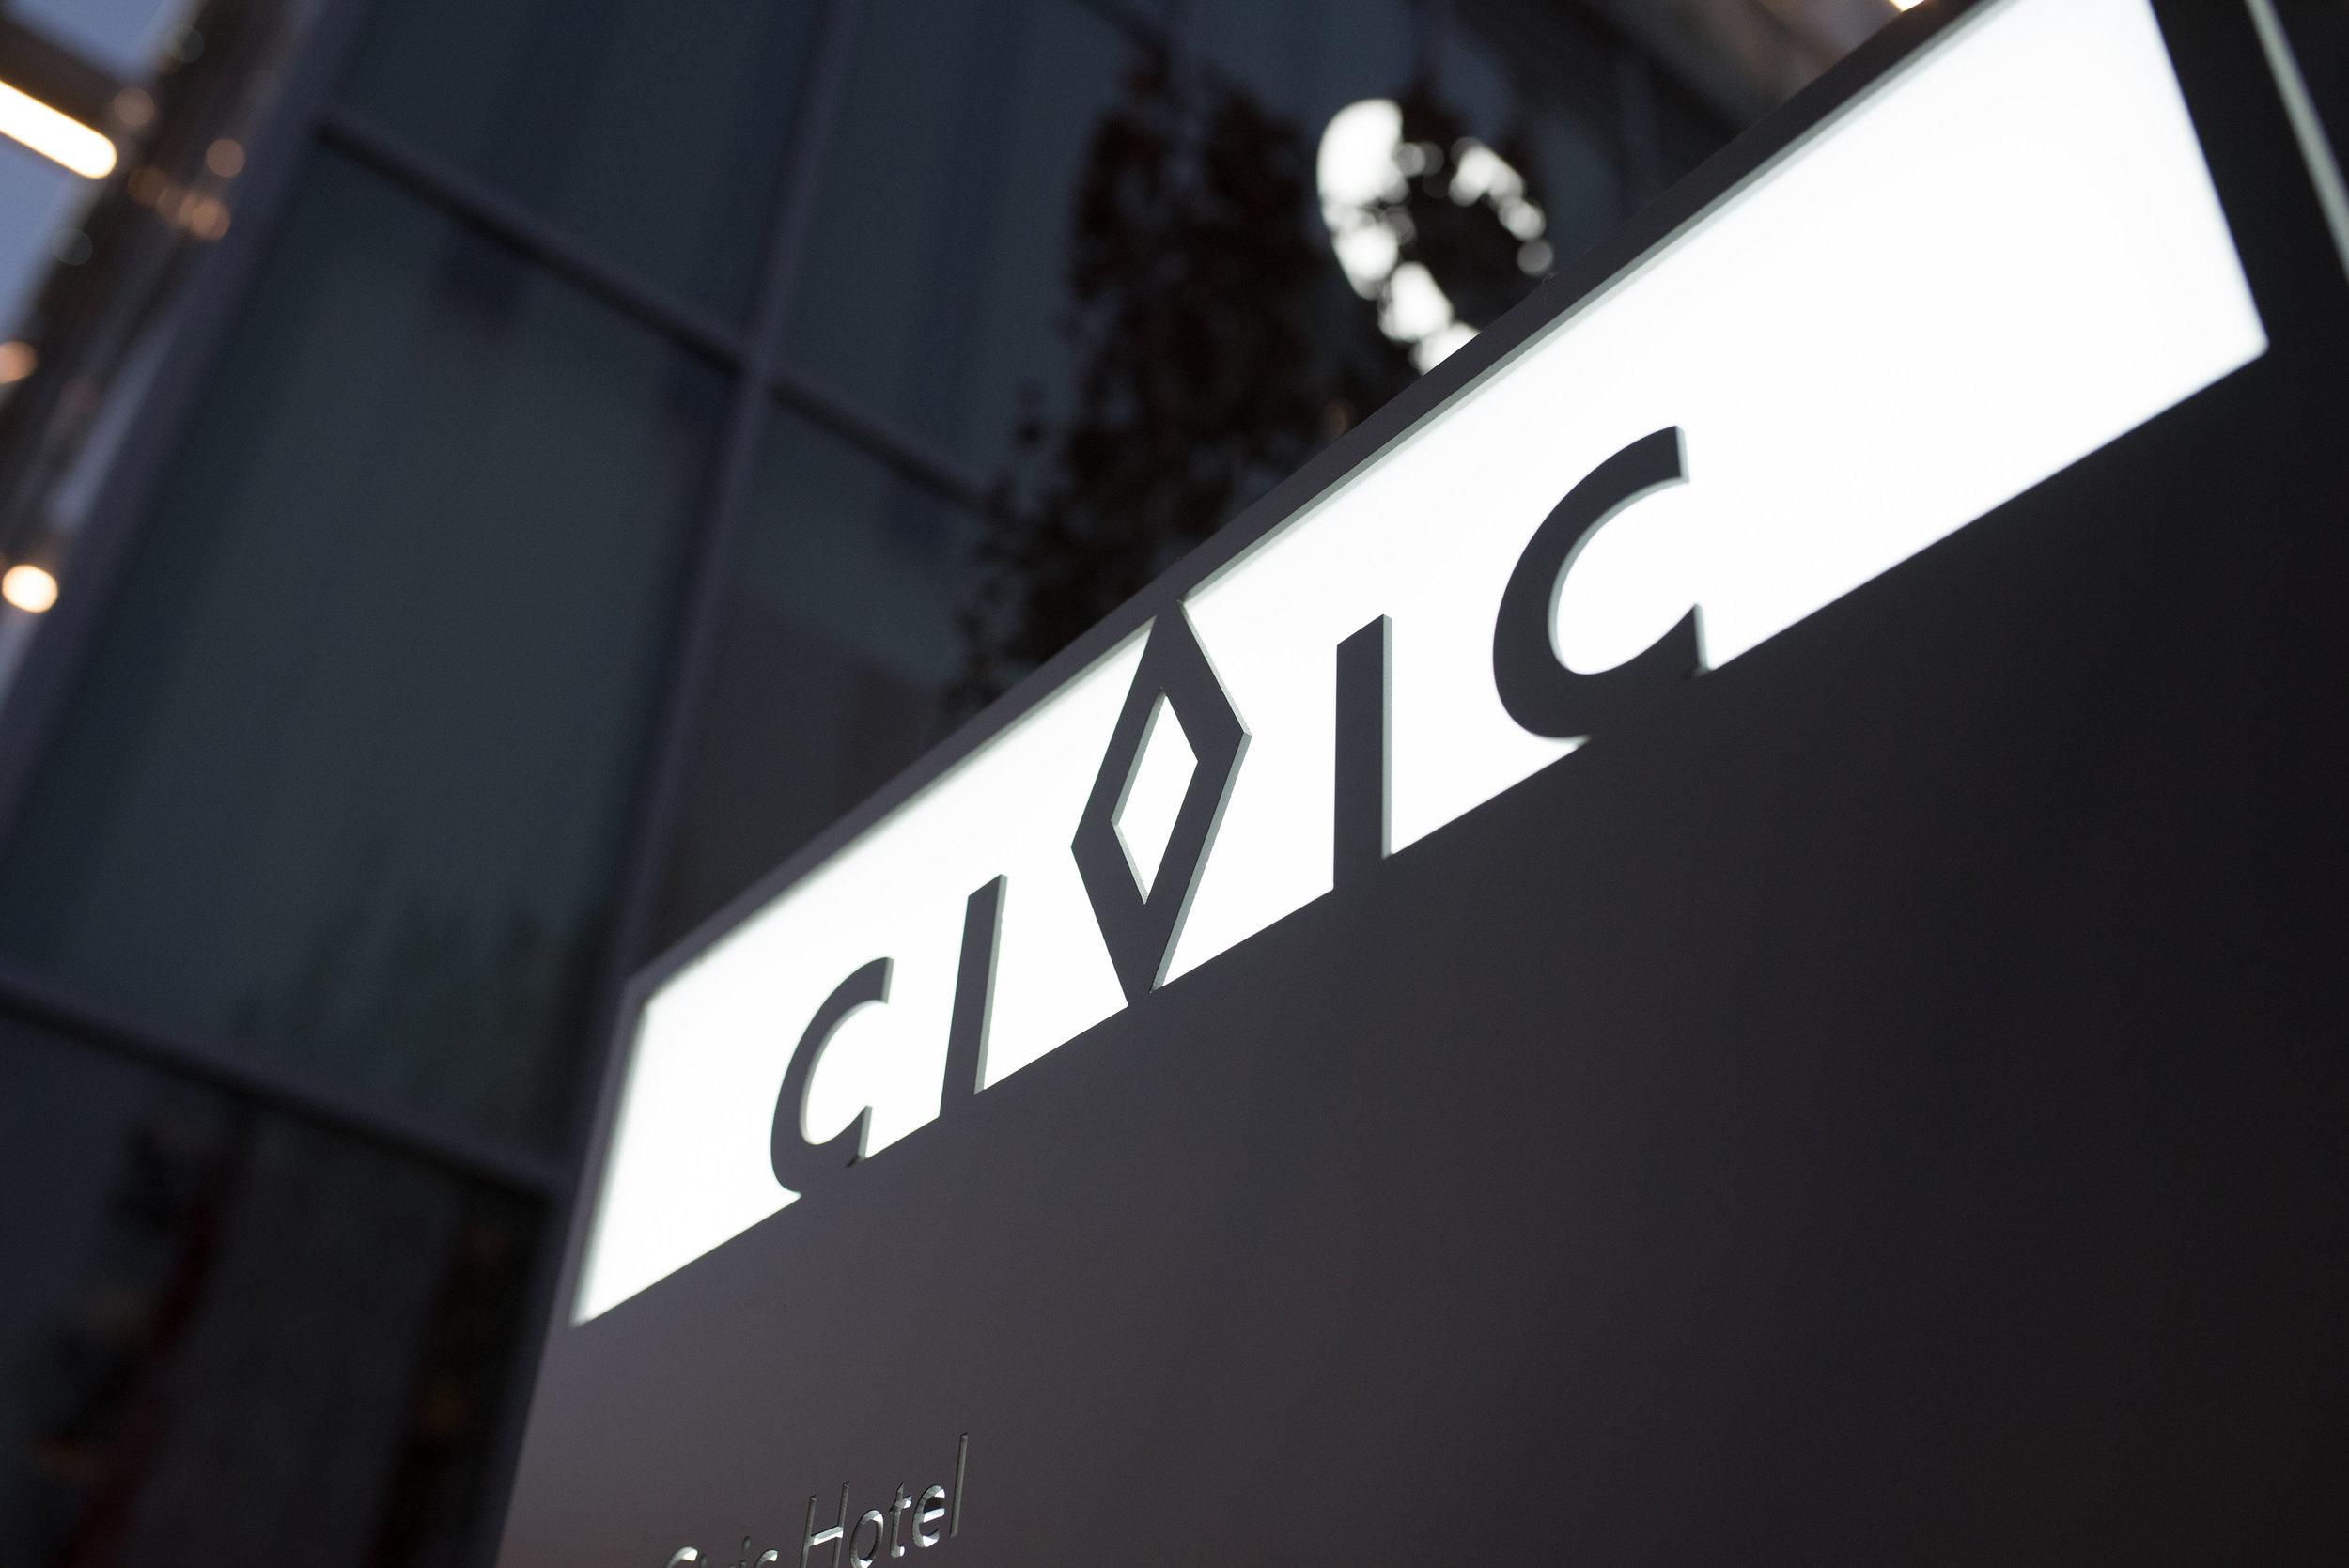 civic-0140.jpg